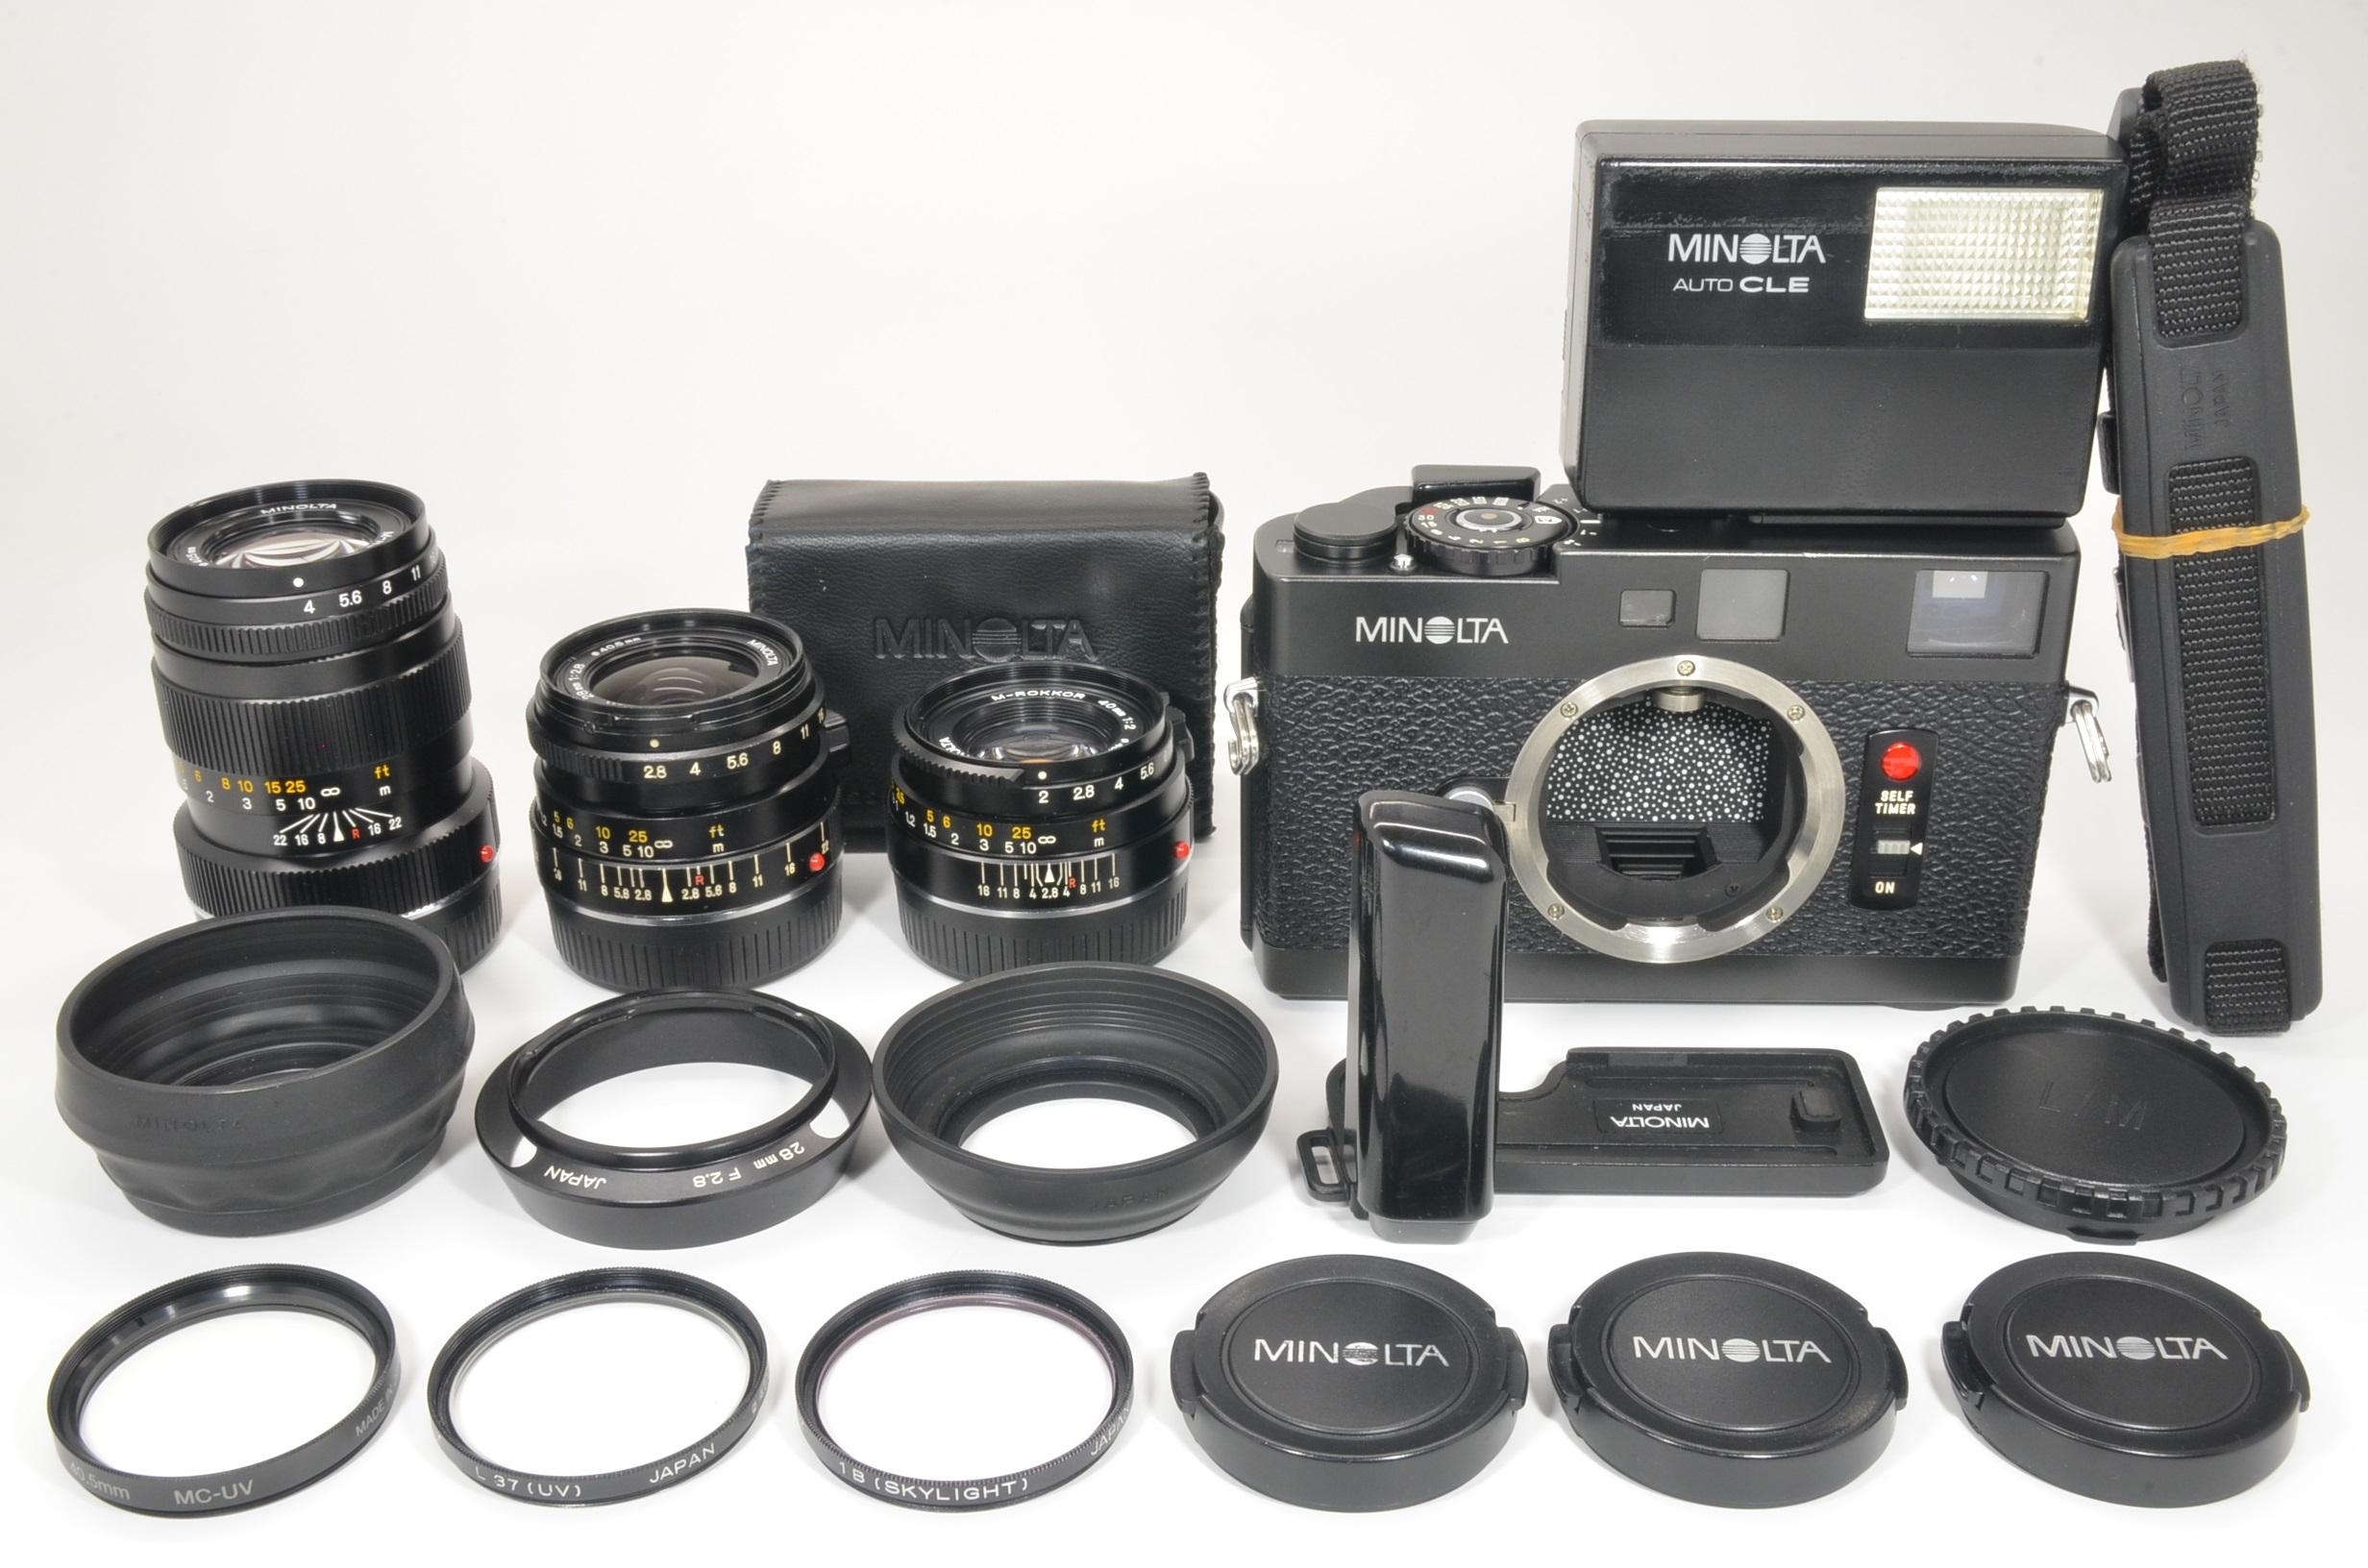 minolta cle w/ m-rokkor 40mm f2, 28mm f2.8, 90mm f4, flash, grip shooting tested